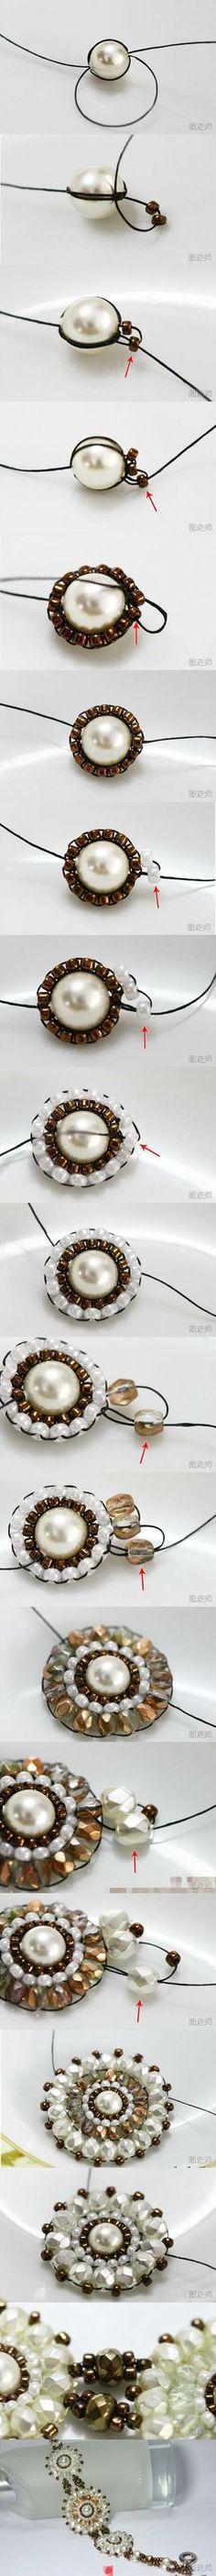 Confecção de colar